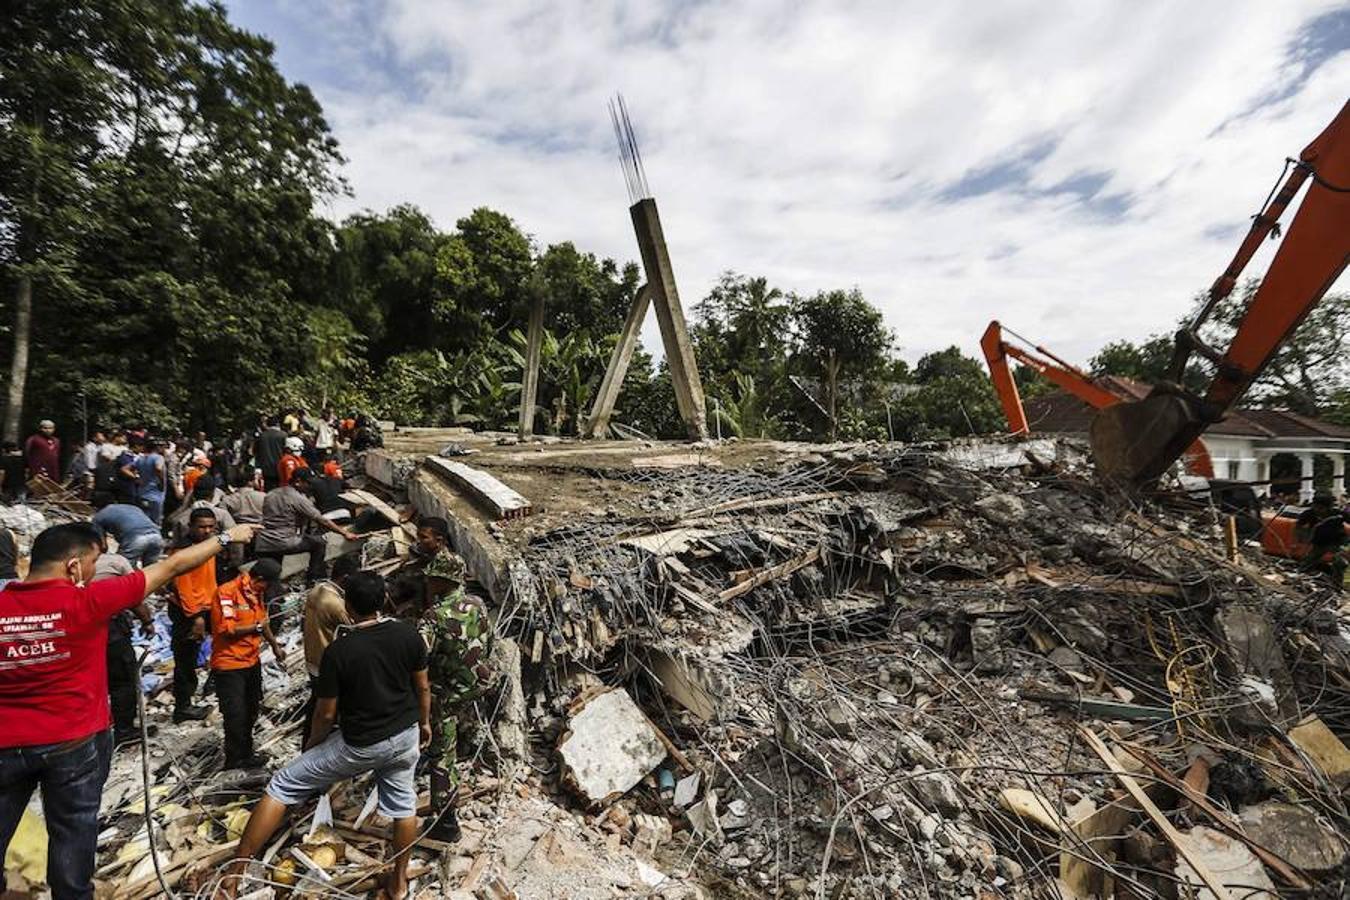 Al menos 97 muertos tras un terremoto de magnitud 6,5 en Indonesia (+ fotos y videos)